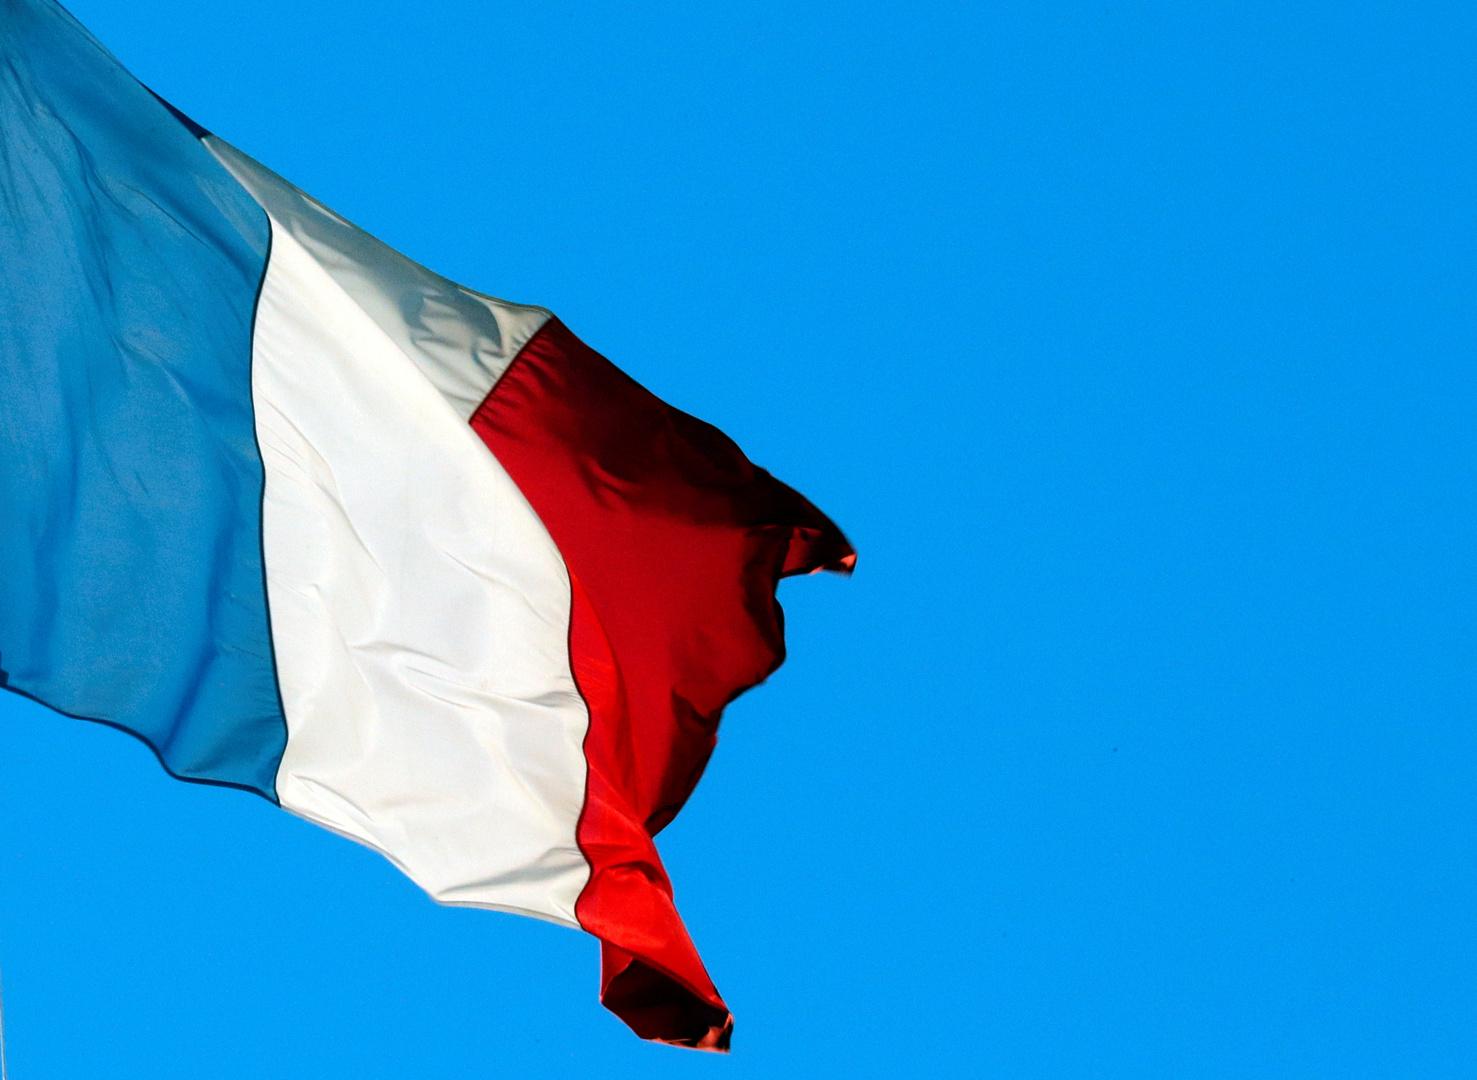 فرنسا ودول مجموعة الخمس تحشد الدعم لعملية الانتقال المدني العسكري في تشاد